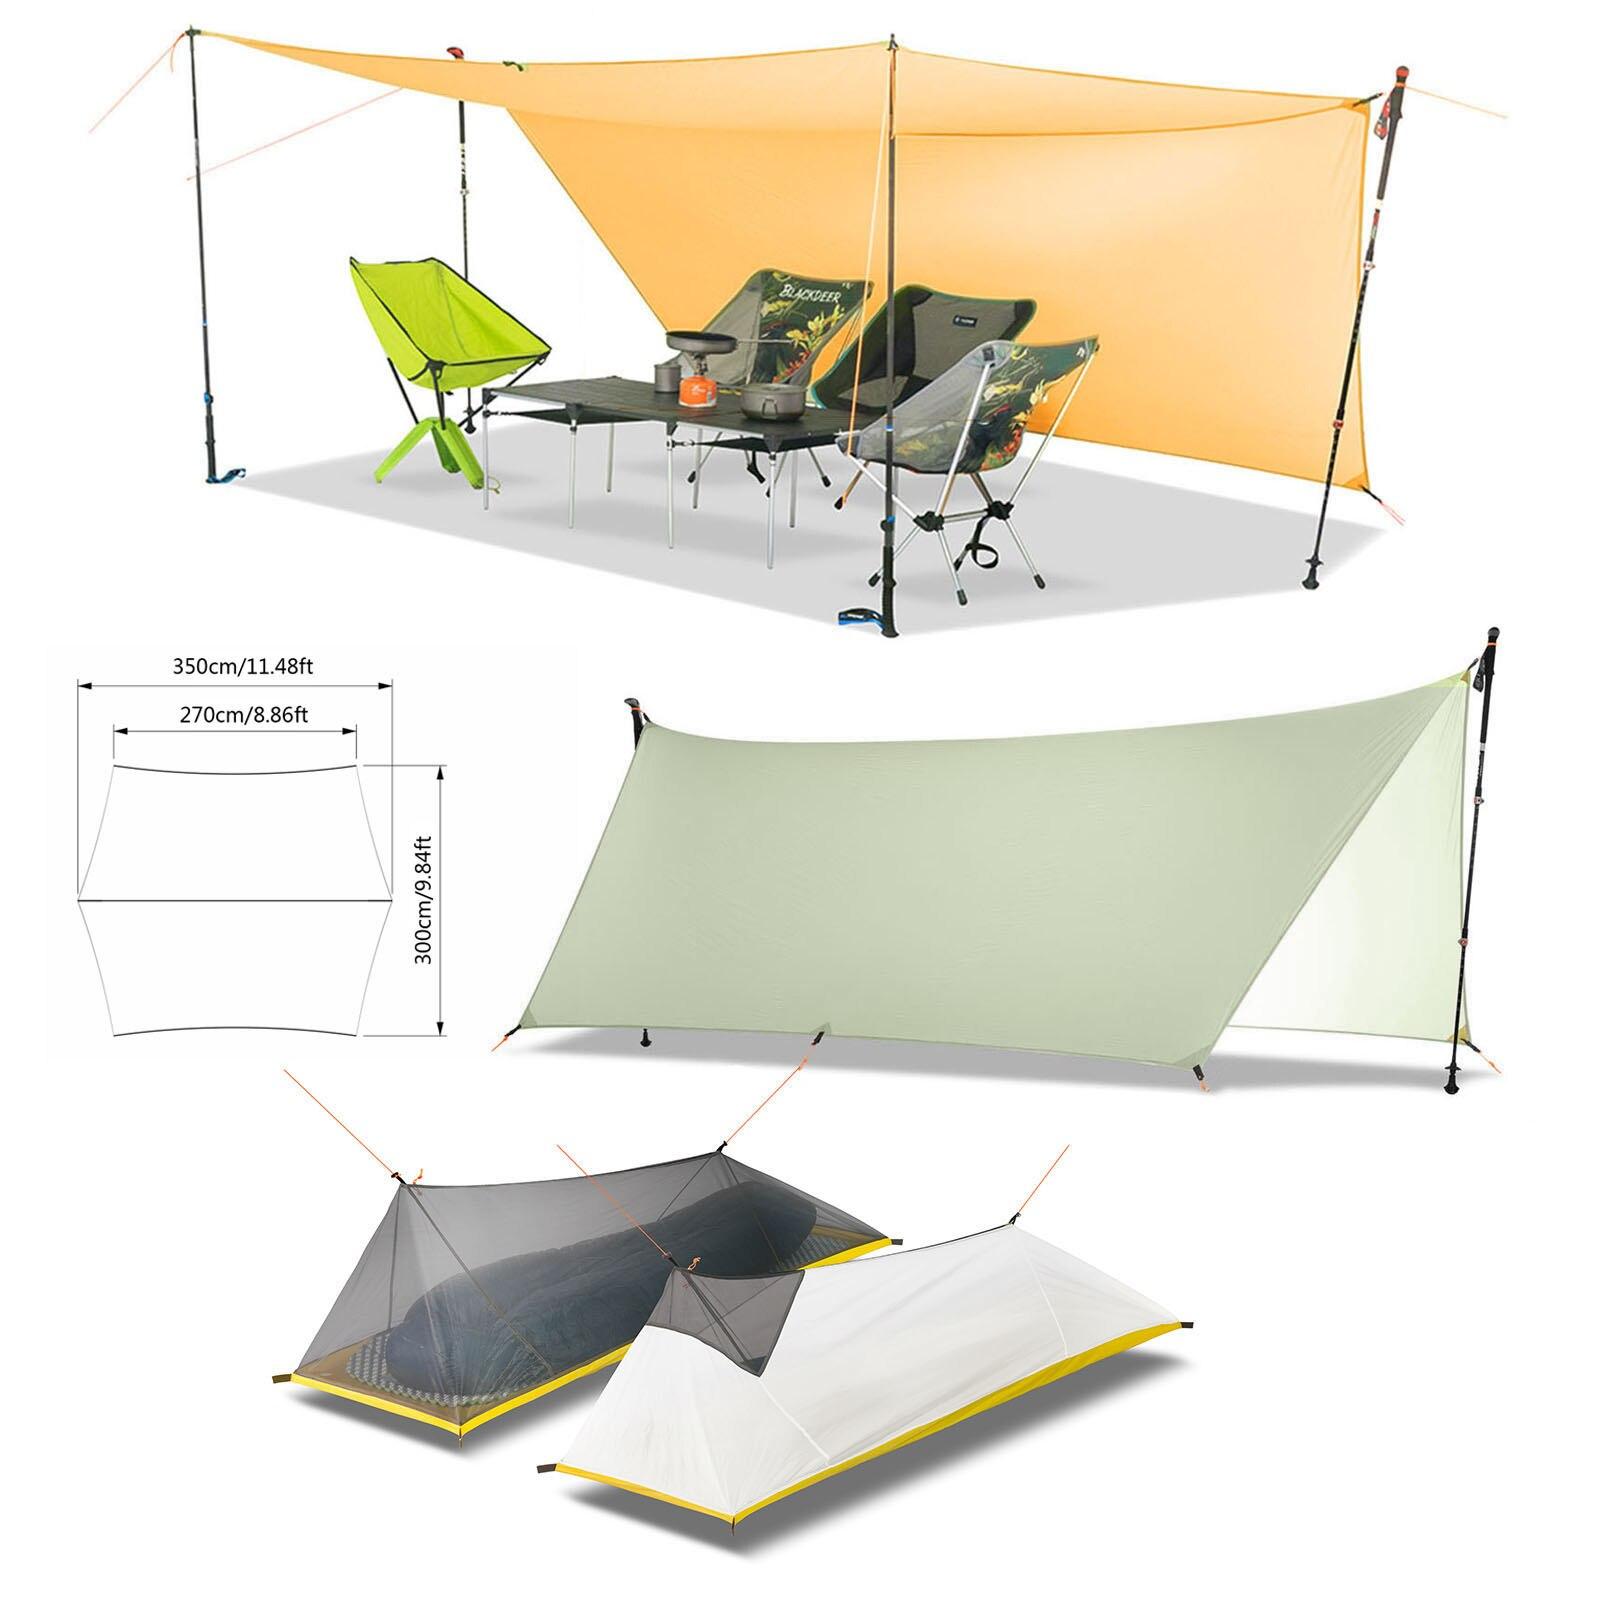 Revêtement en silicone Double face ultra-léger 450g 20D bâche en Nylon abri de soleil tente de plage Camping flyleaf Pergola auvent bâche